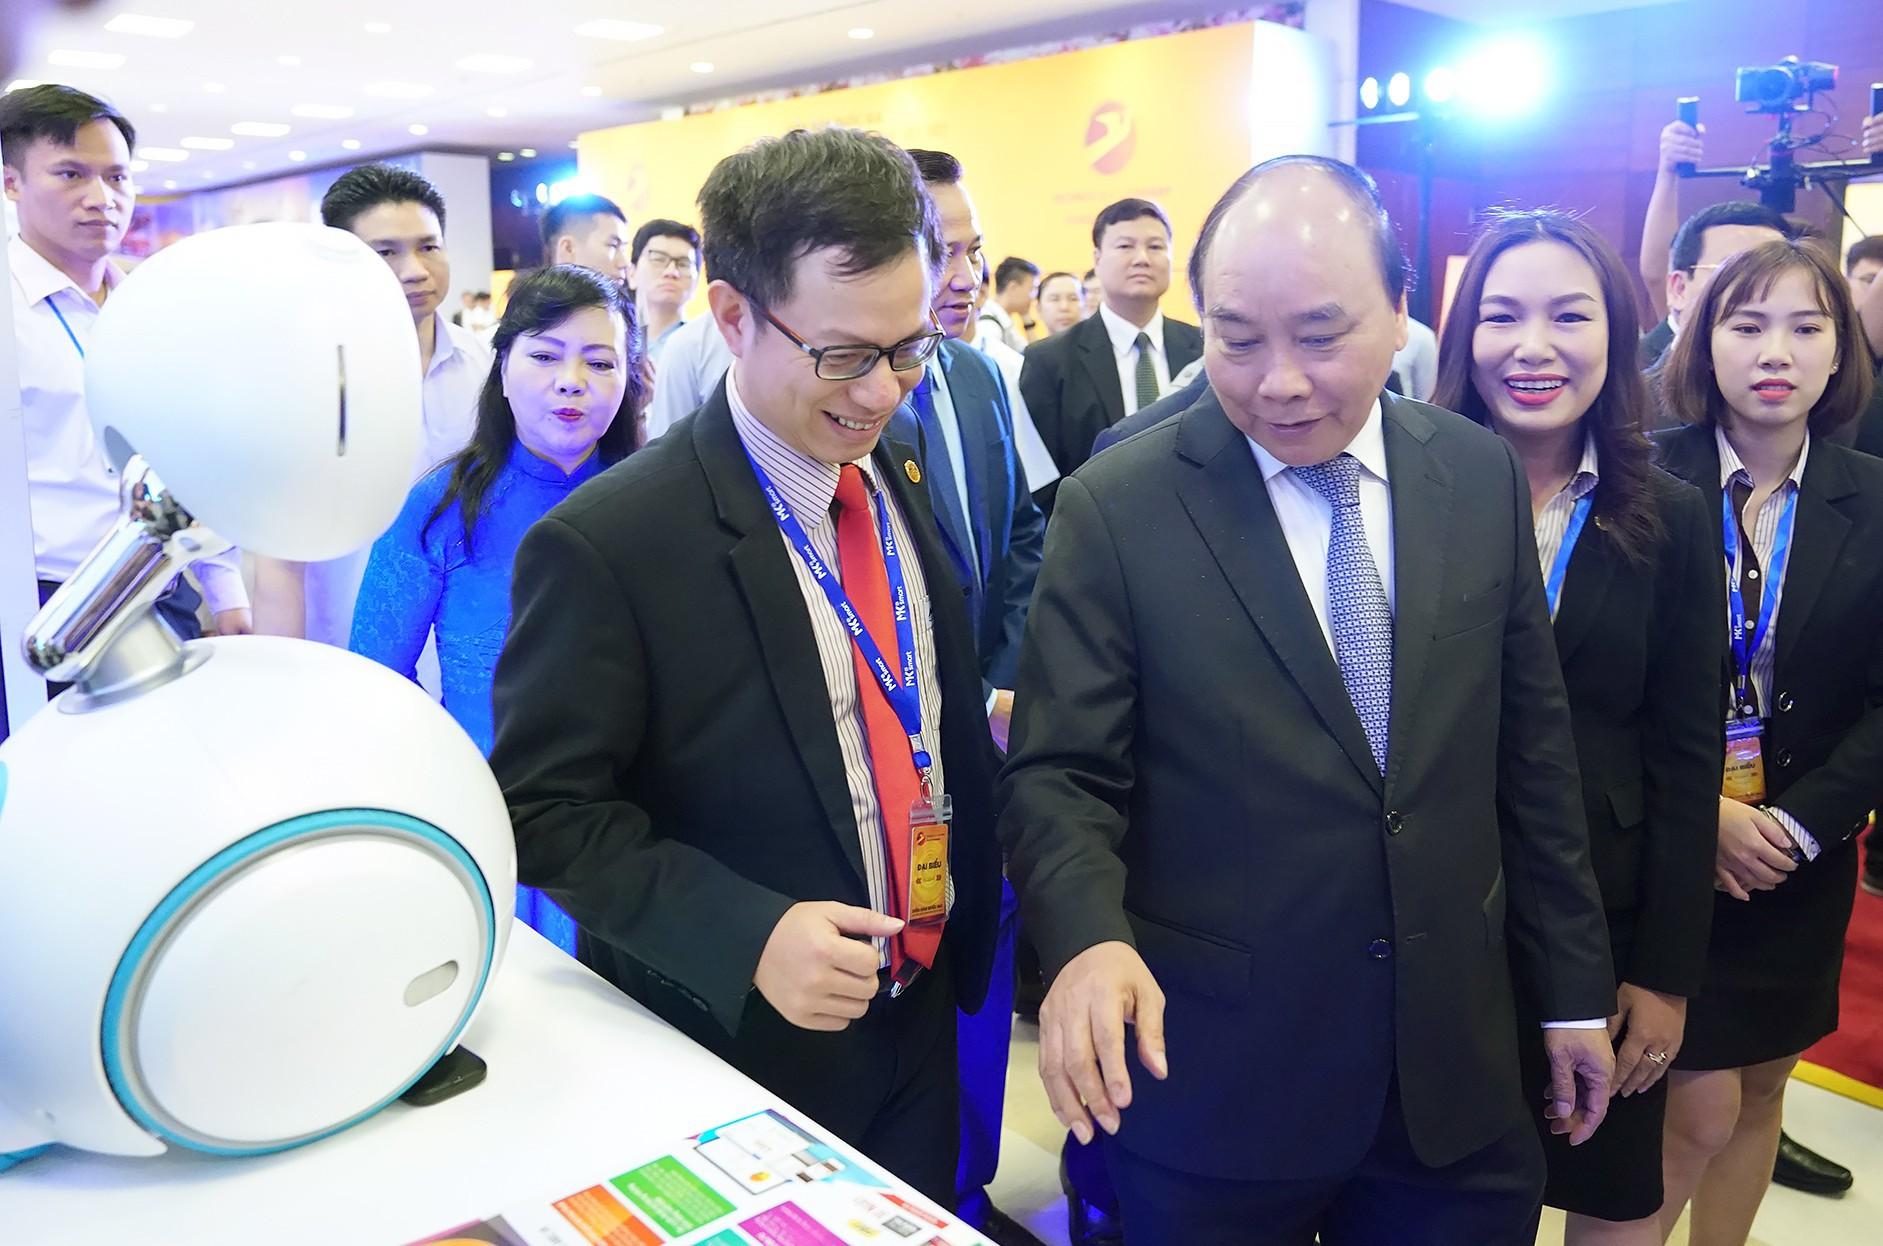 Thủ tướng Nguyễn Xuân Phúc dự diễn đàn công nghệ, tham quan bức tường 'Make in Vietnam' - Ảnh 2.